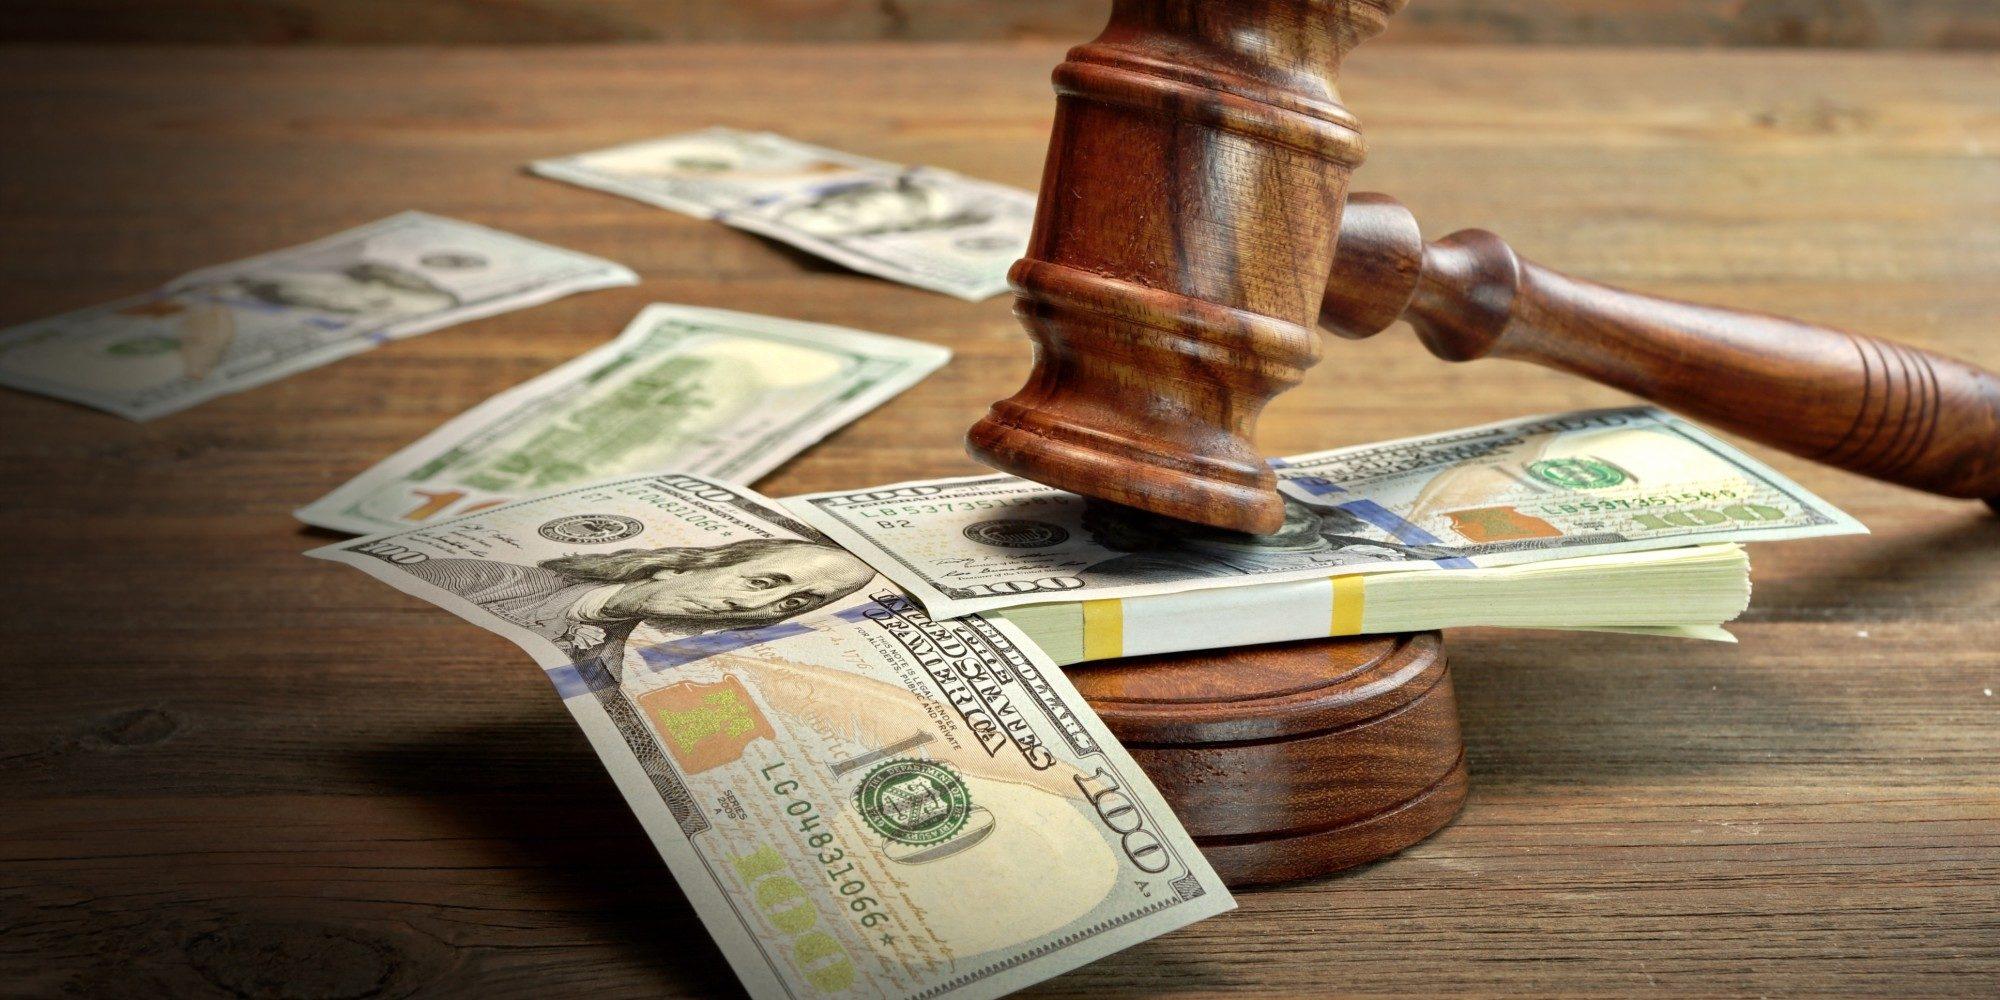 Взыскание задолженности с физических и юридических лиц через процедуру банкротства